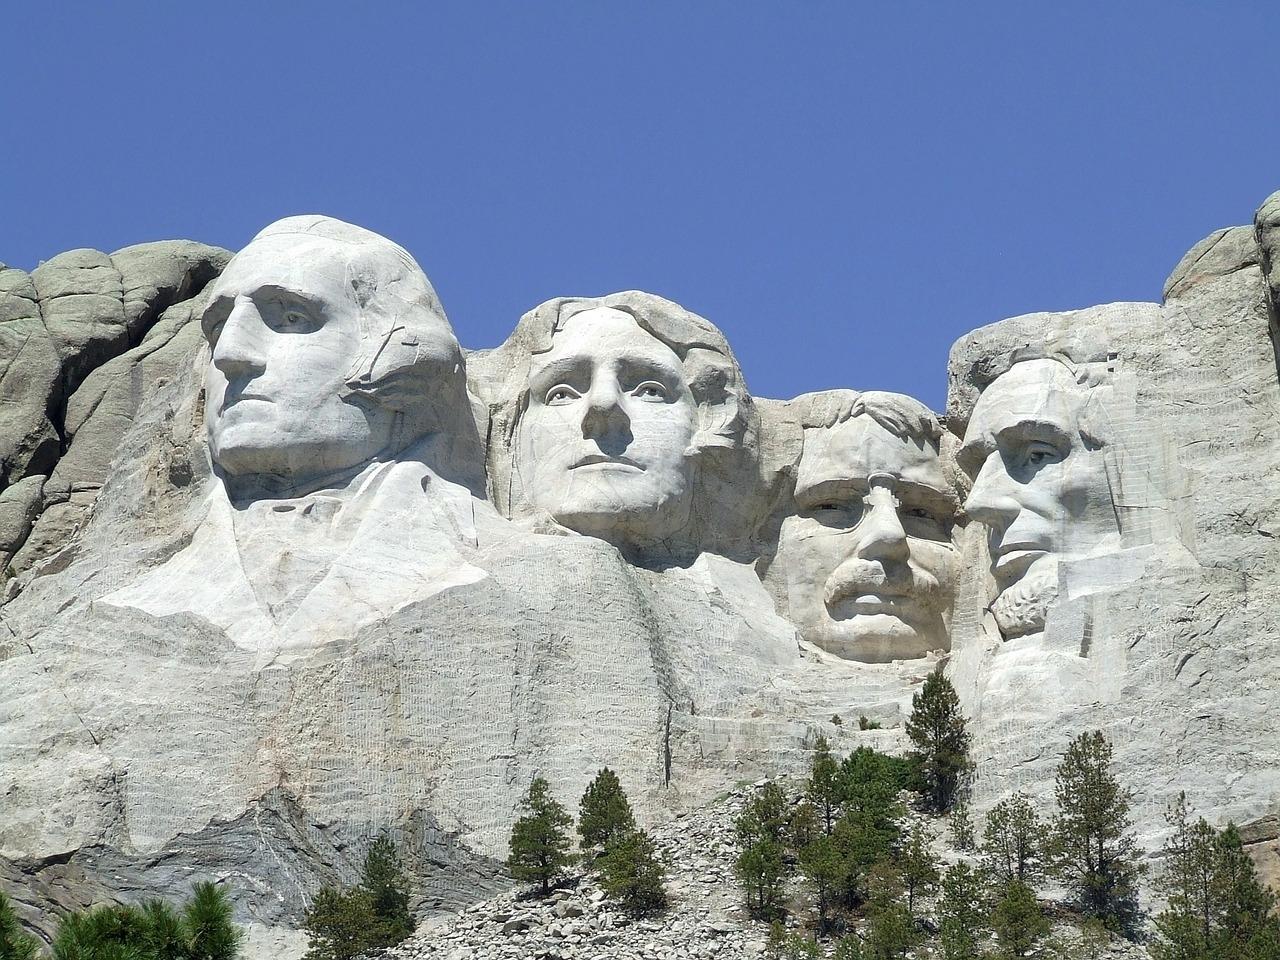 ラシュモア山国立記念公園(ラシュモアさんこくりつきねんこうえん、Mount Rushmore National Memorial Park)